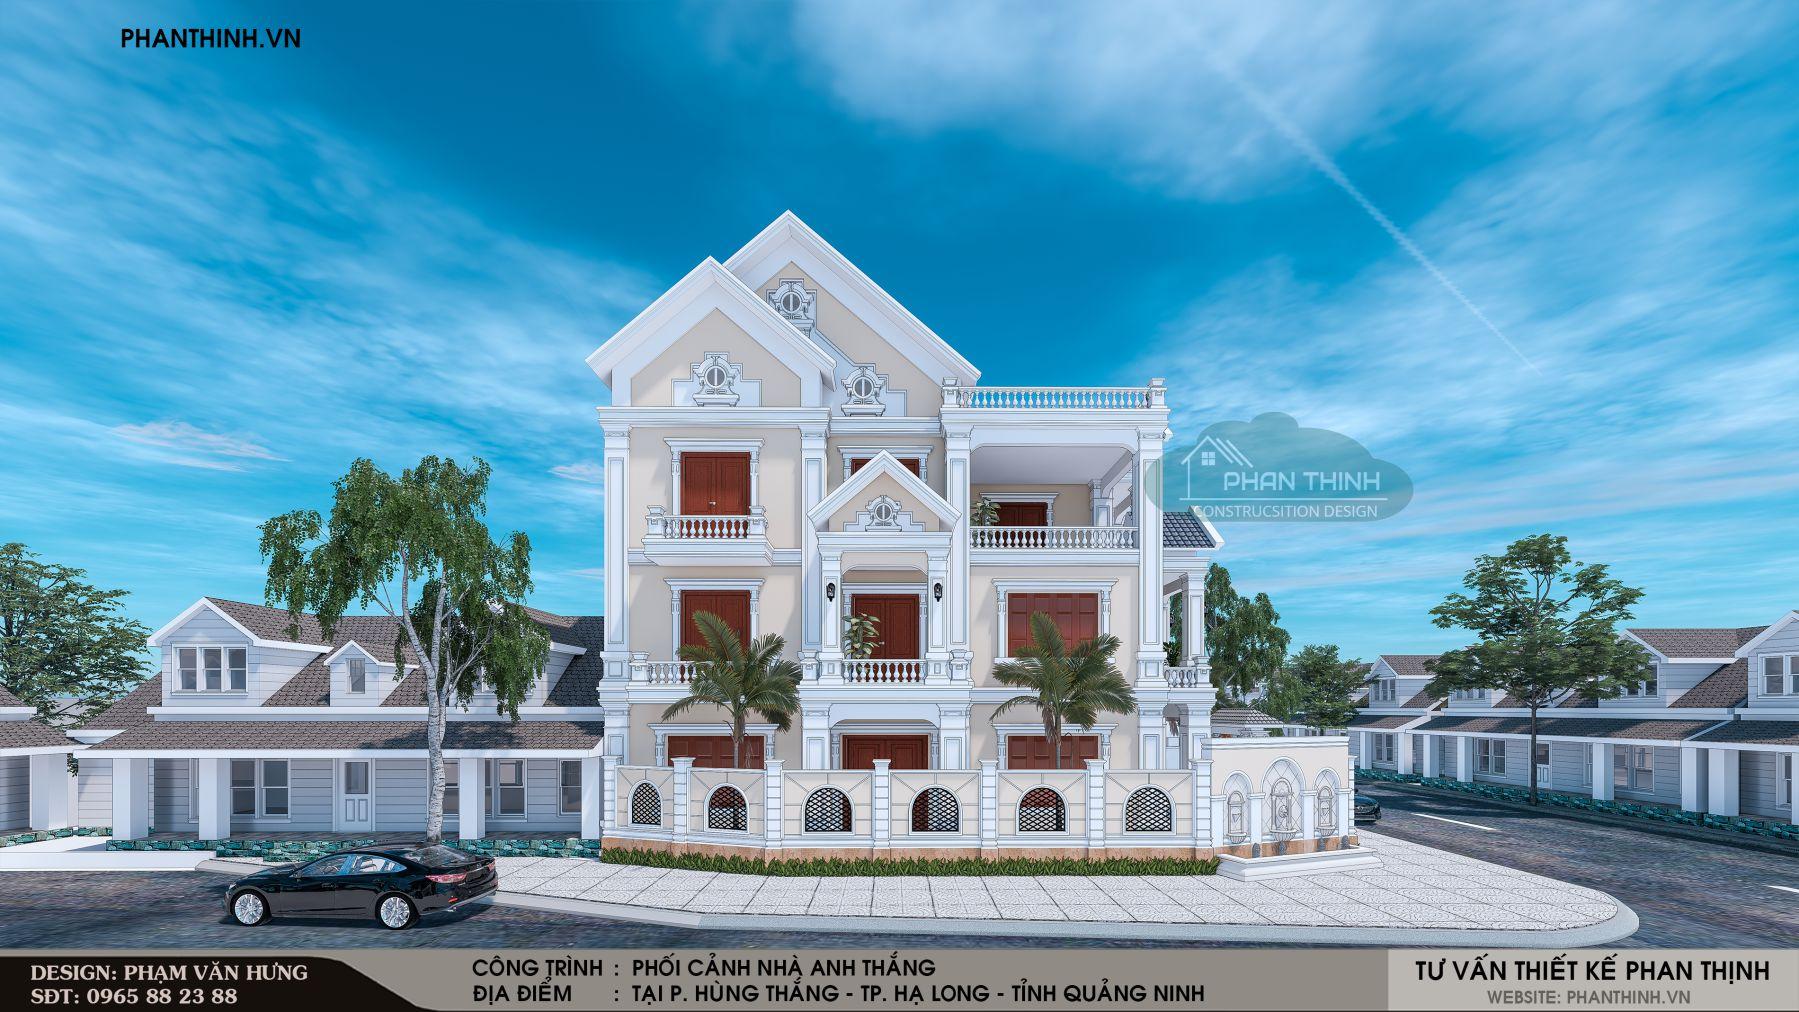 Thiết kế nhà biệt thự 3 tầng tân cổ điển đẹp tại Quảng Ninh